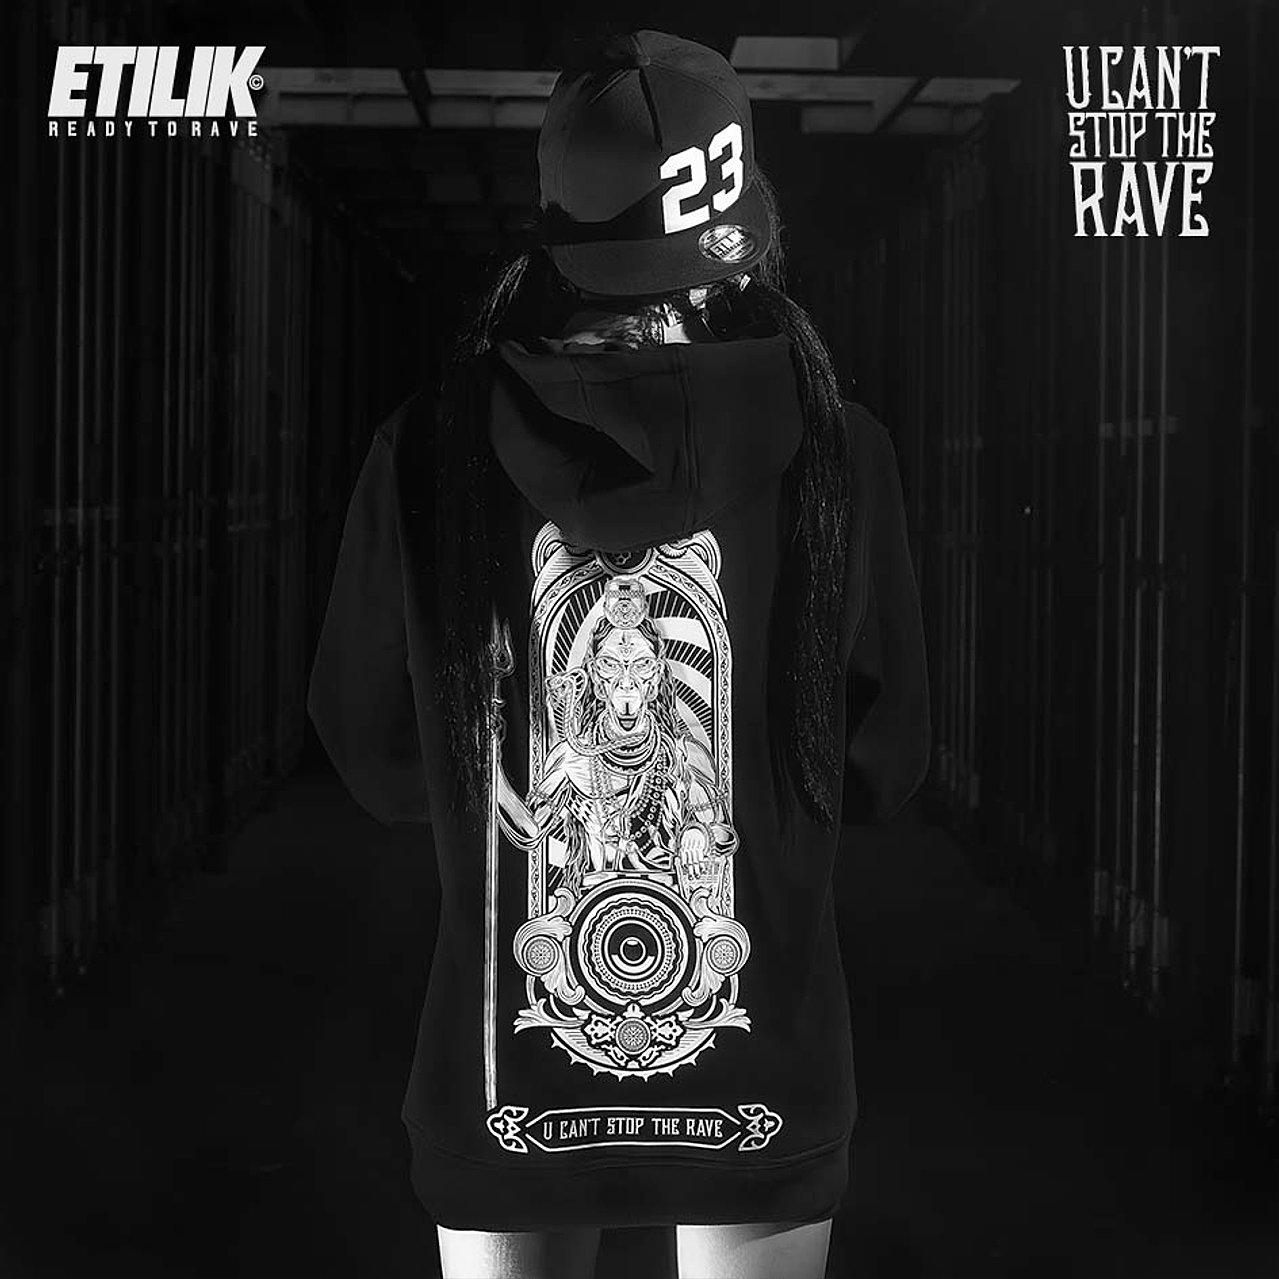 etilik wear